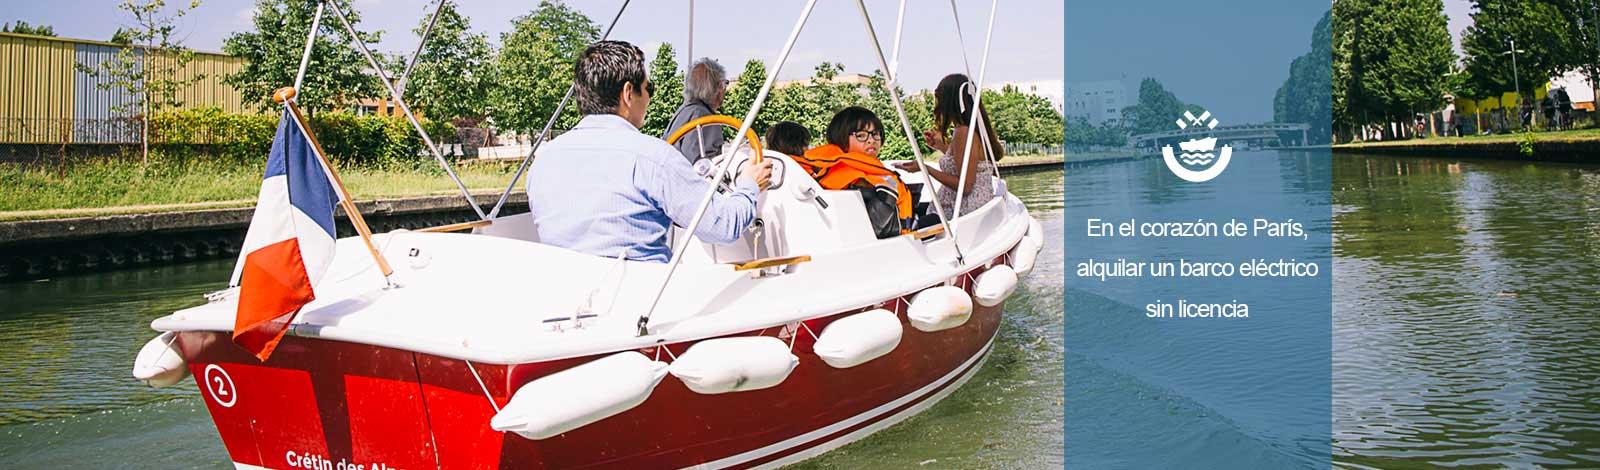 Actividad familiar sobre el agua